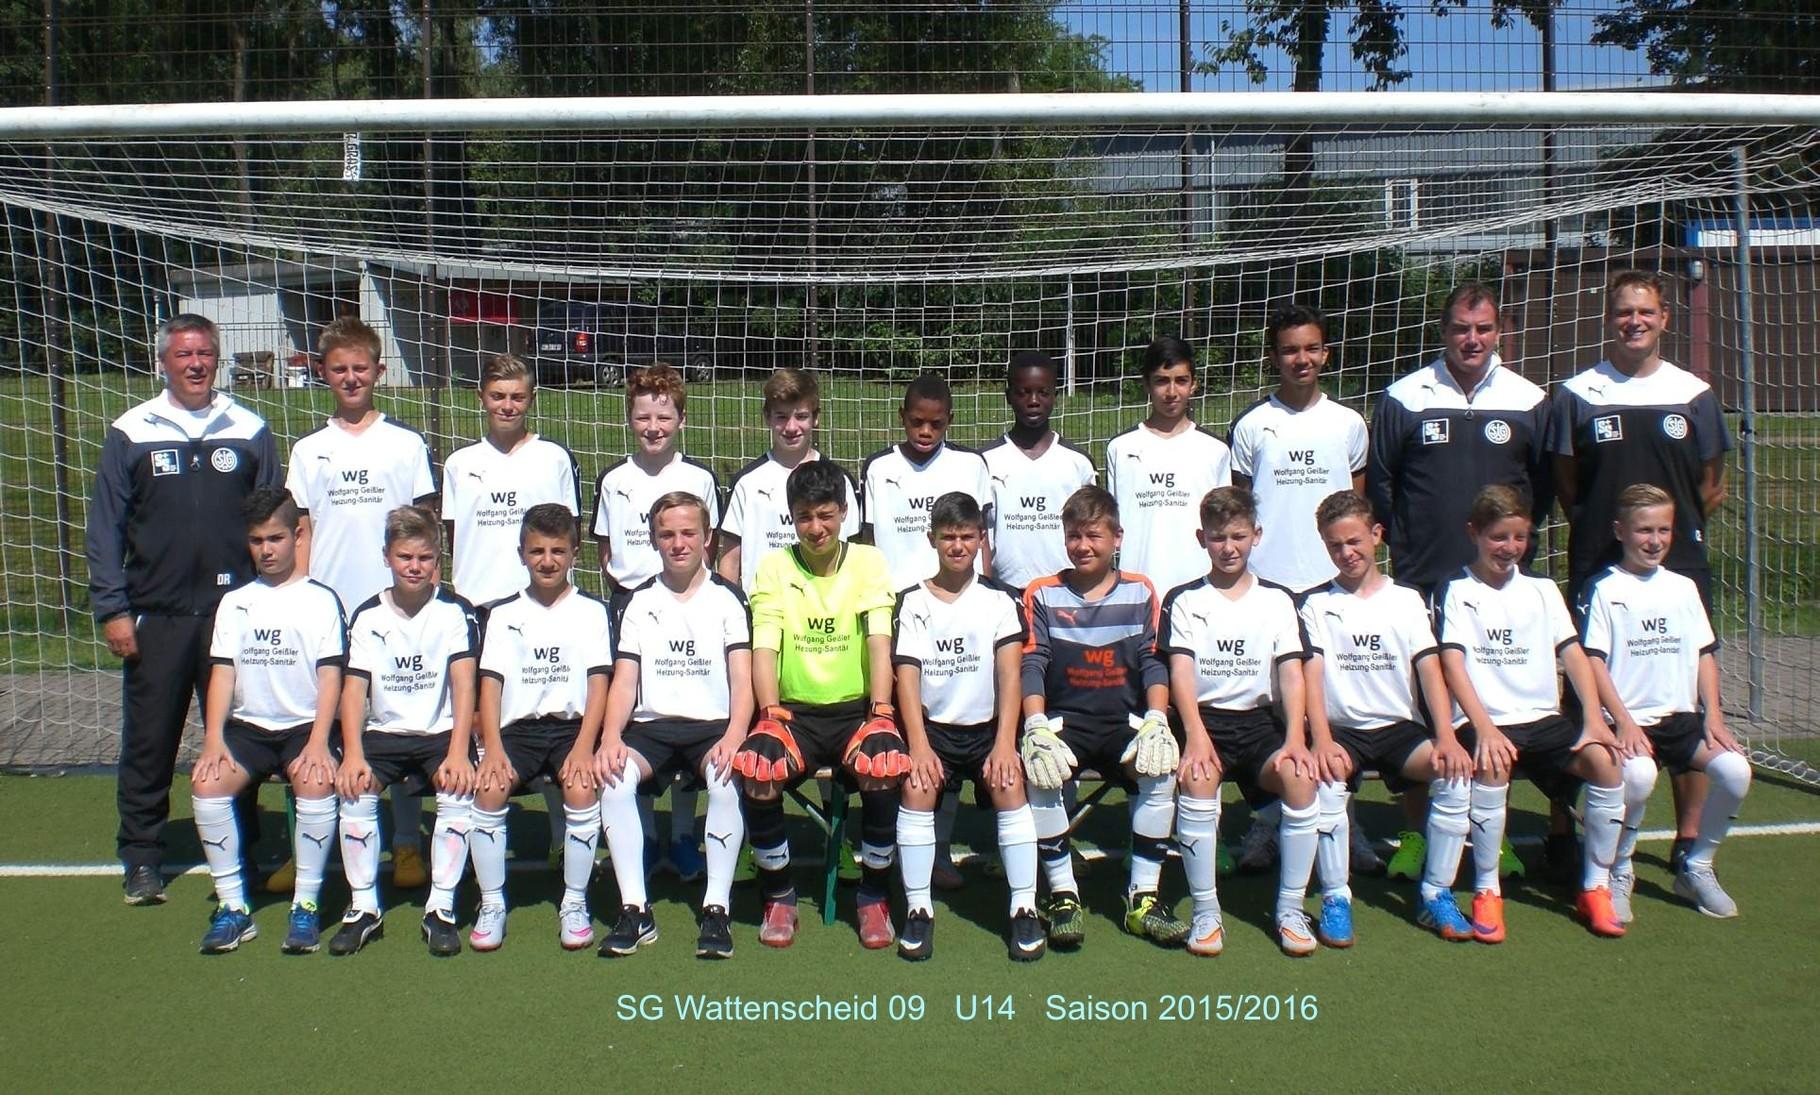 SG Wattenscheid 09 U14